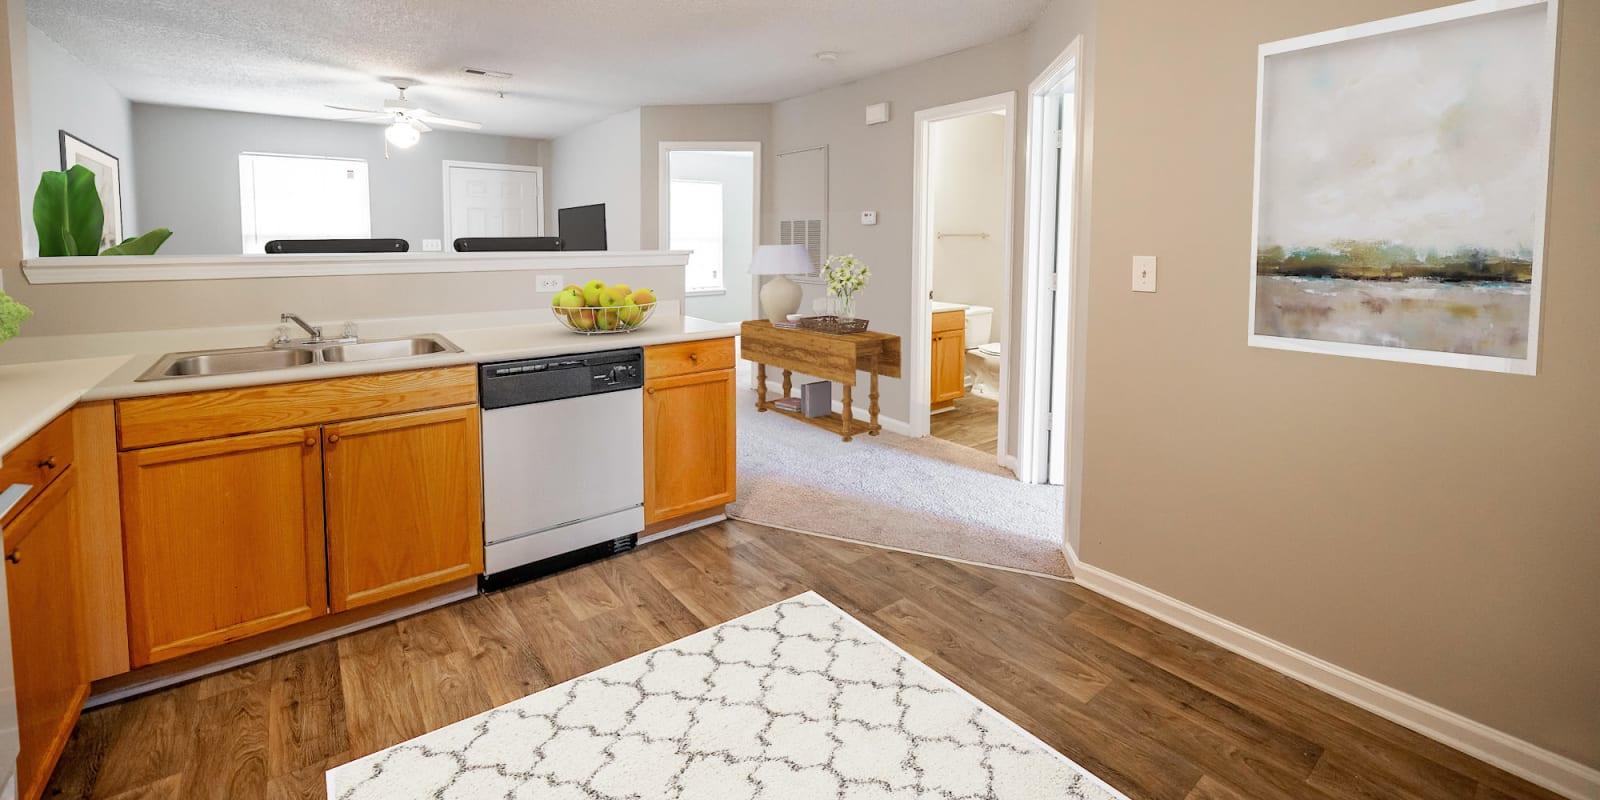 Kitchen at Kannan Station Apartment Homes in Kannapolis, North Carolina